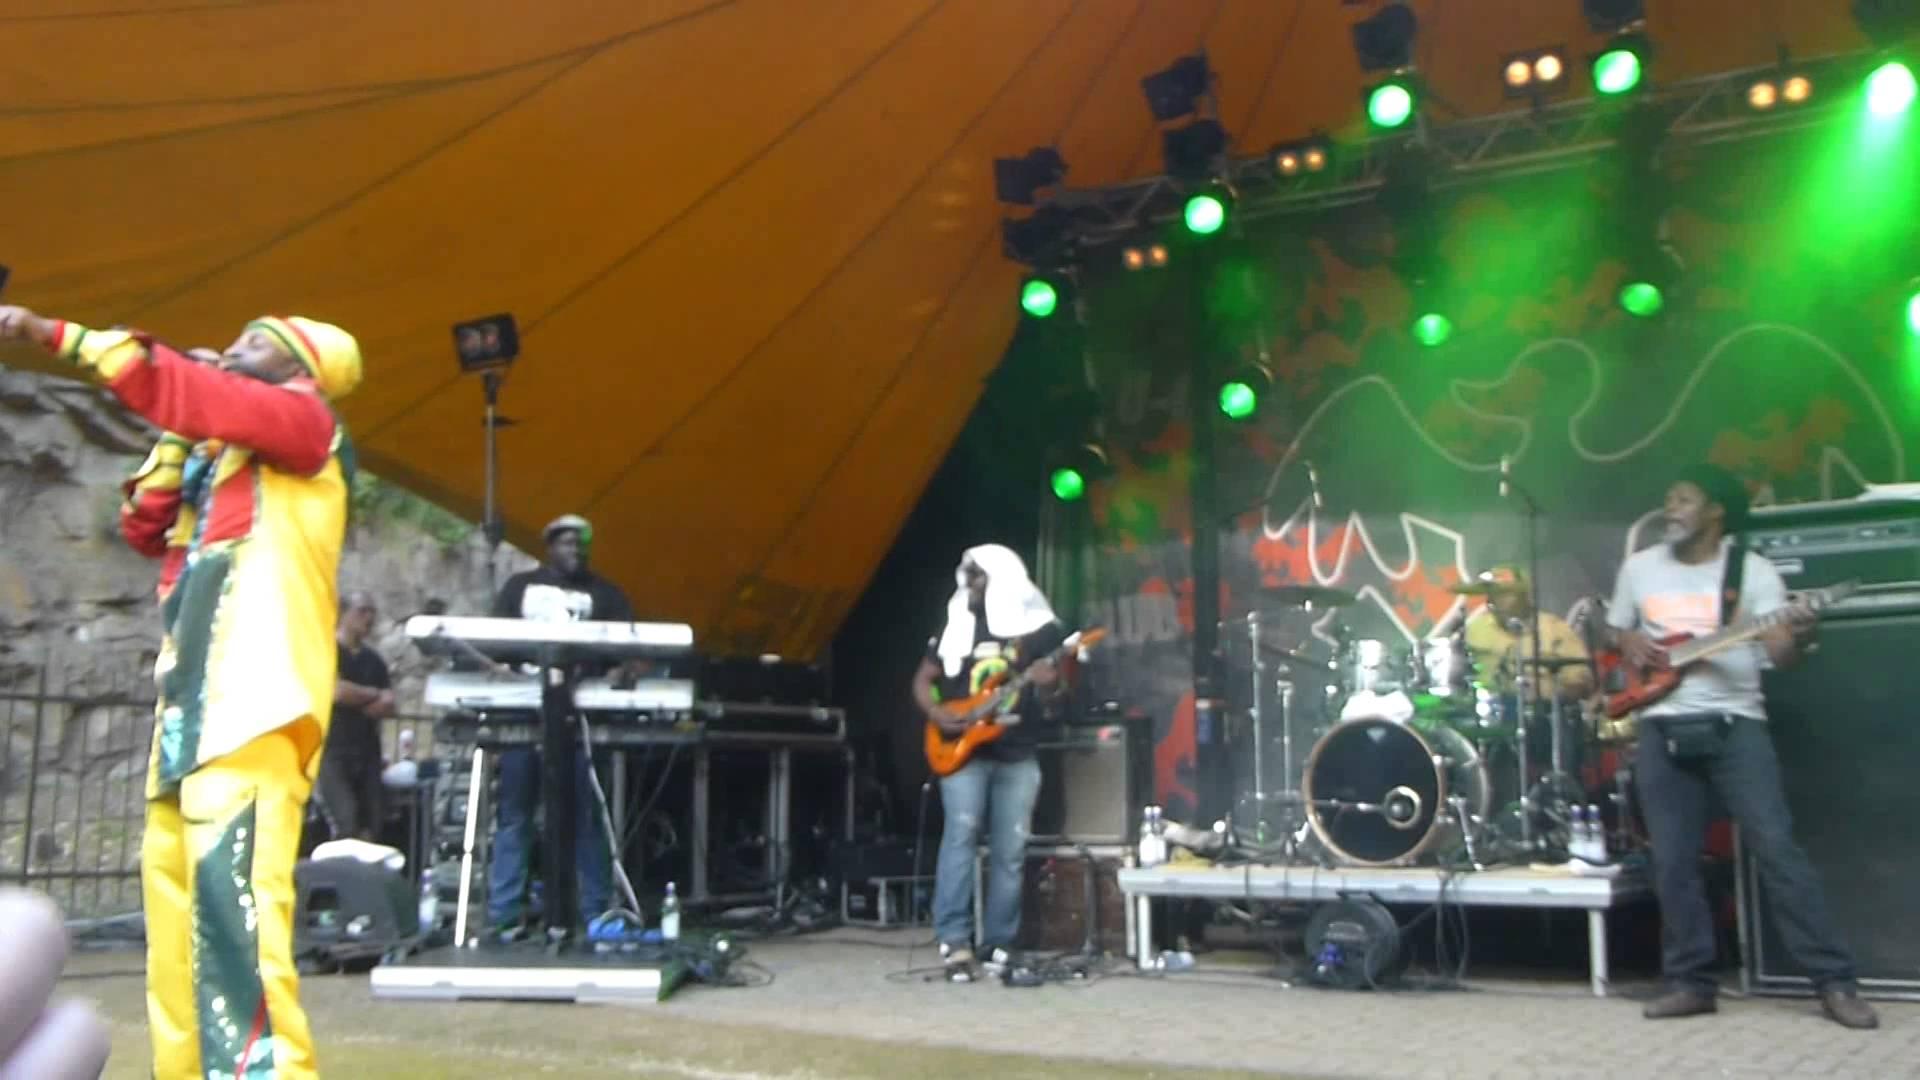 Capleton in Wuppertal, Germany [8/22/2015]